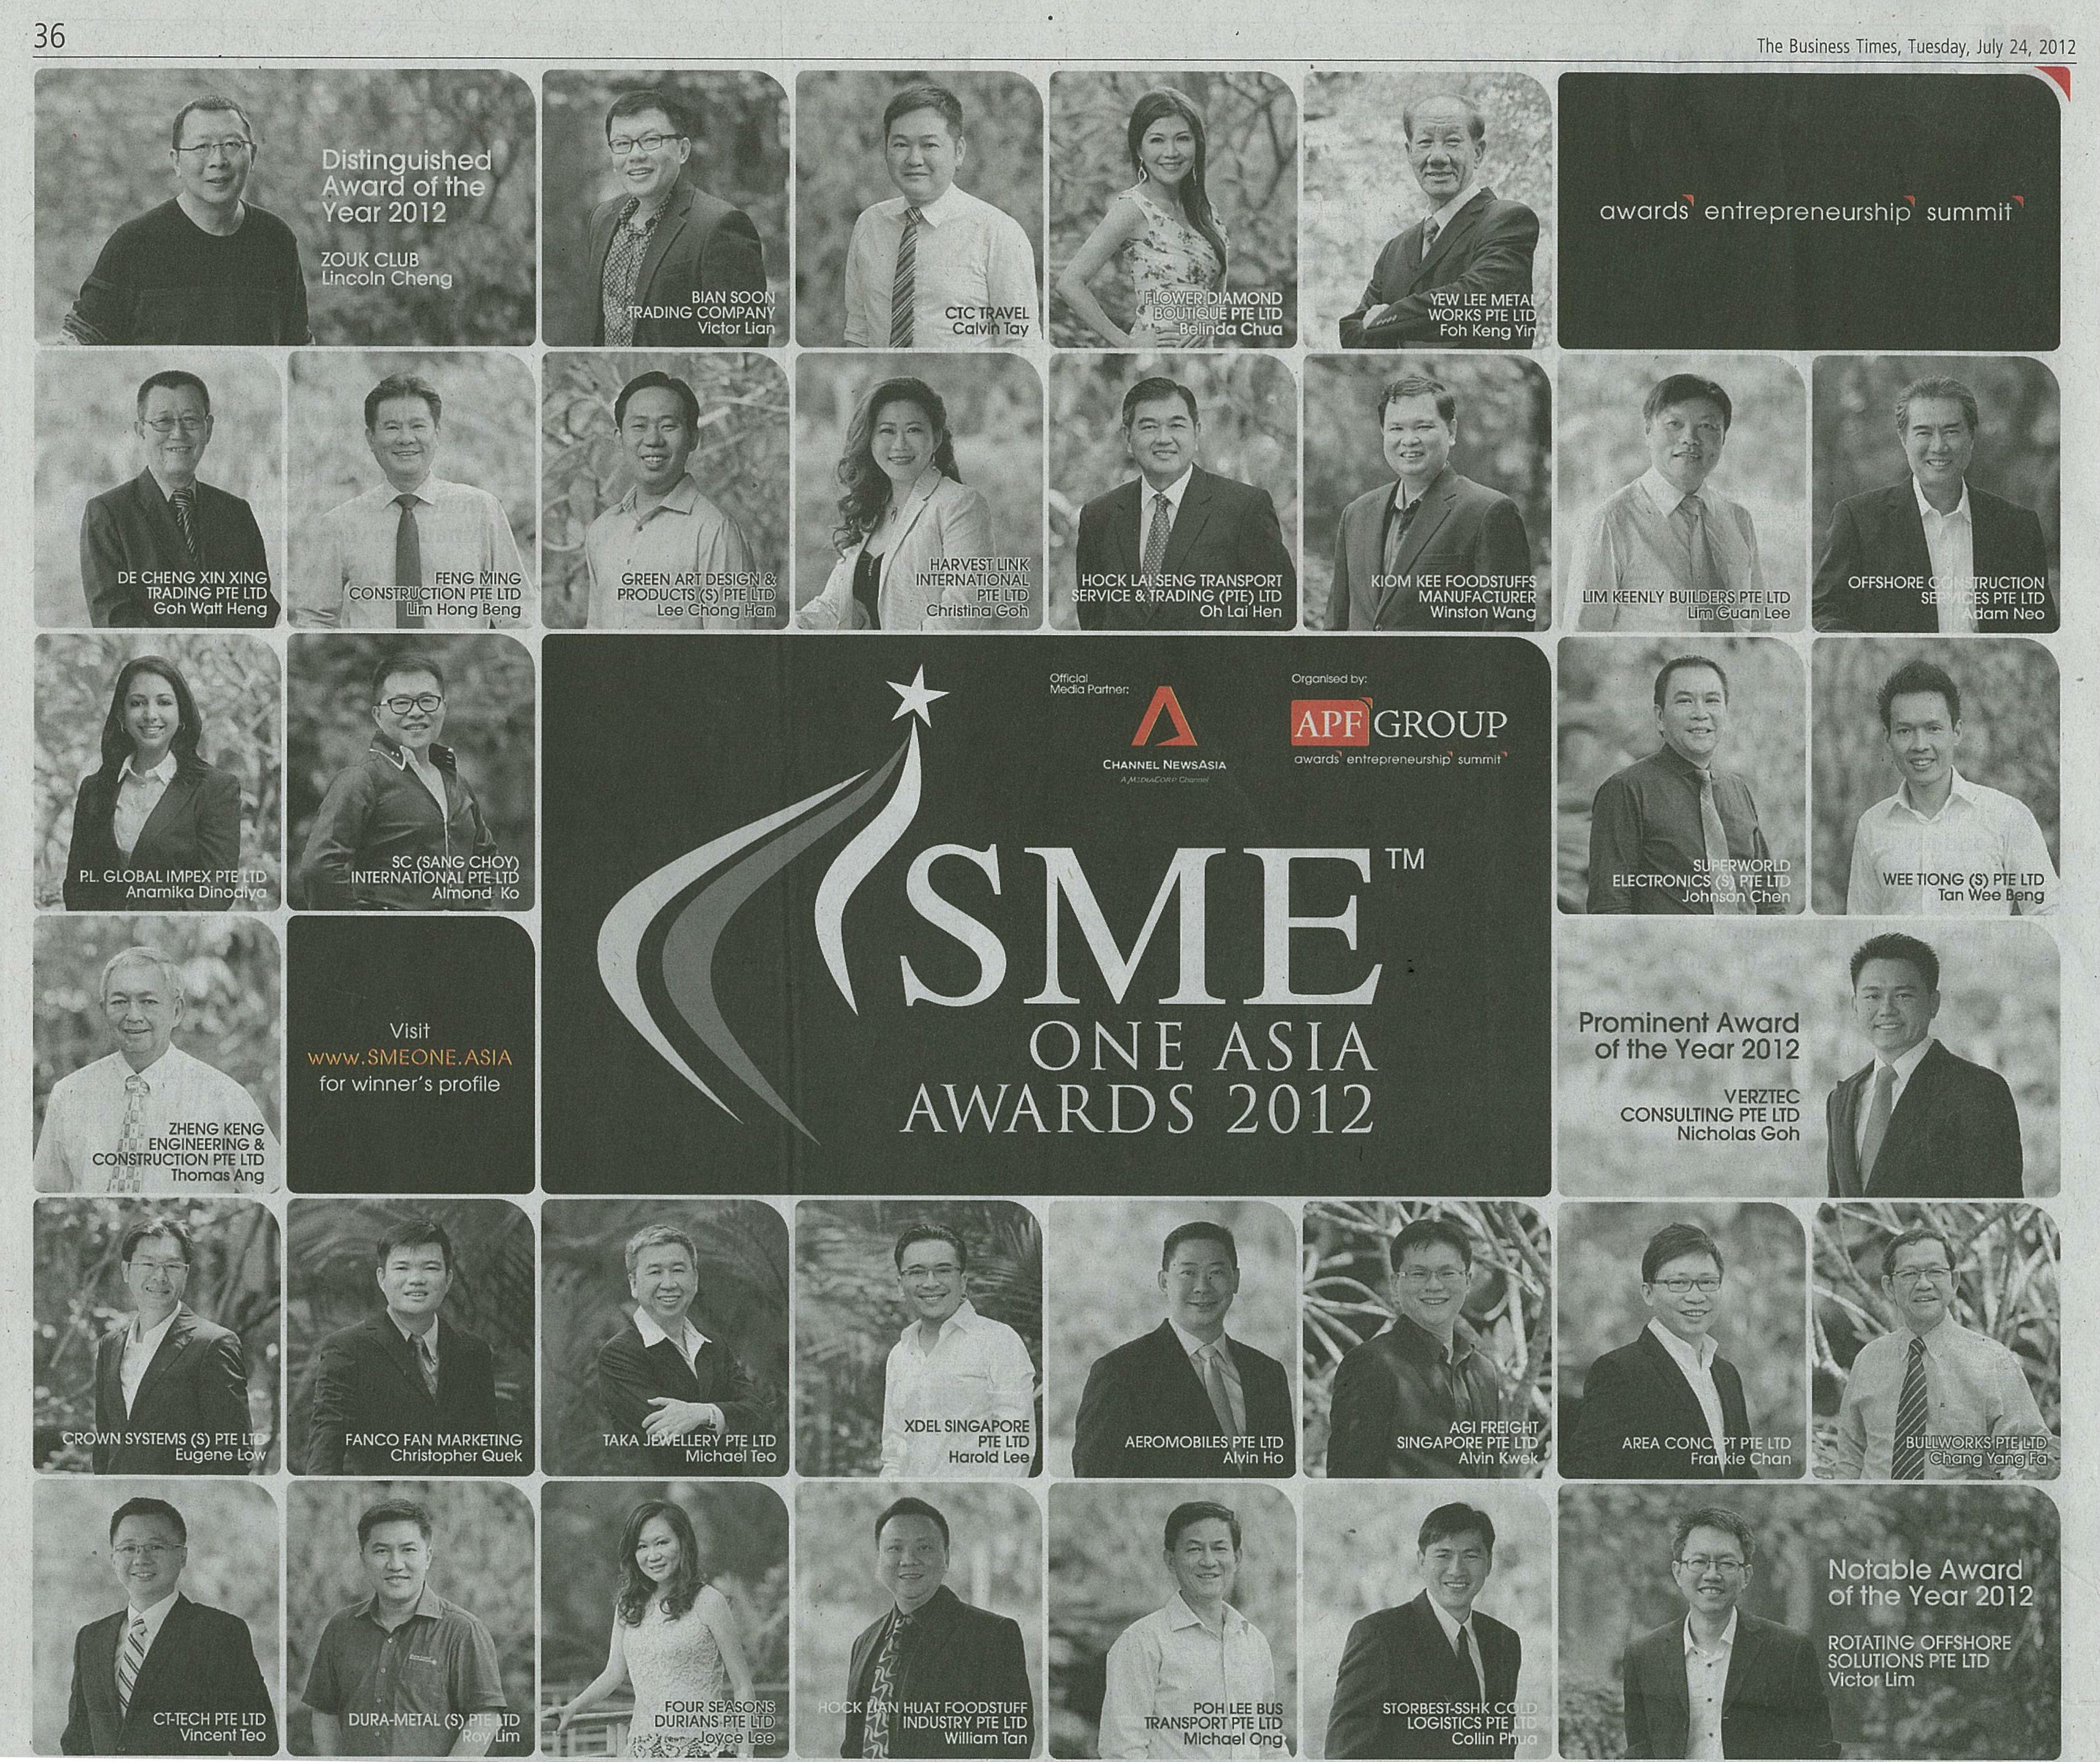 SME ONE ASIA AWARDS 2012